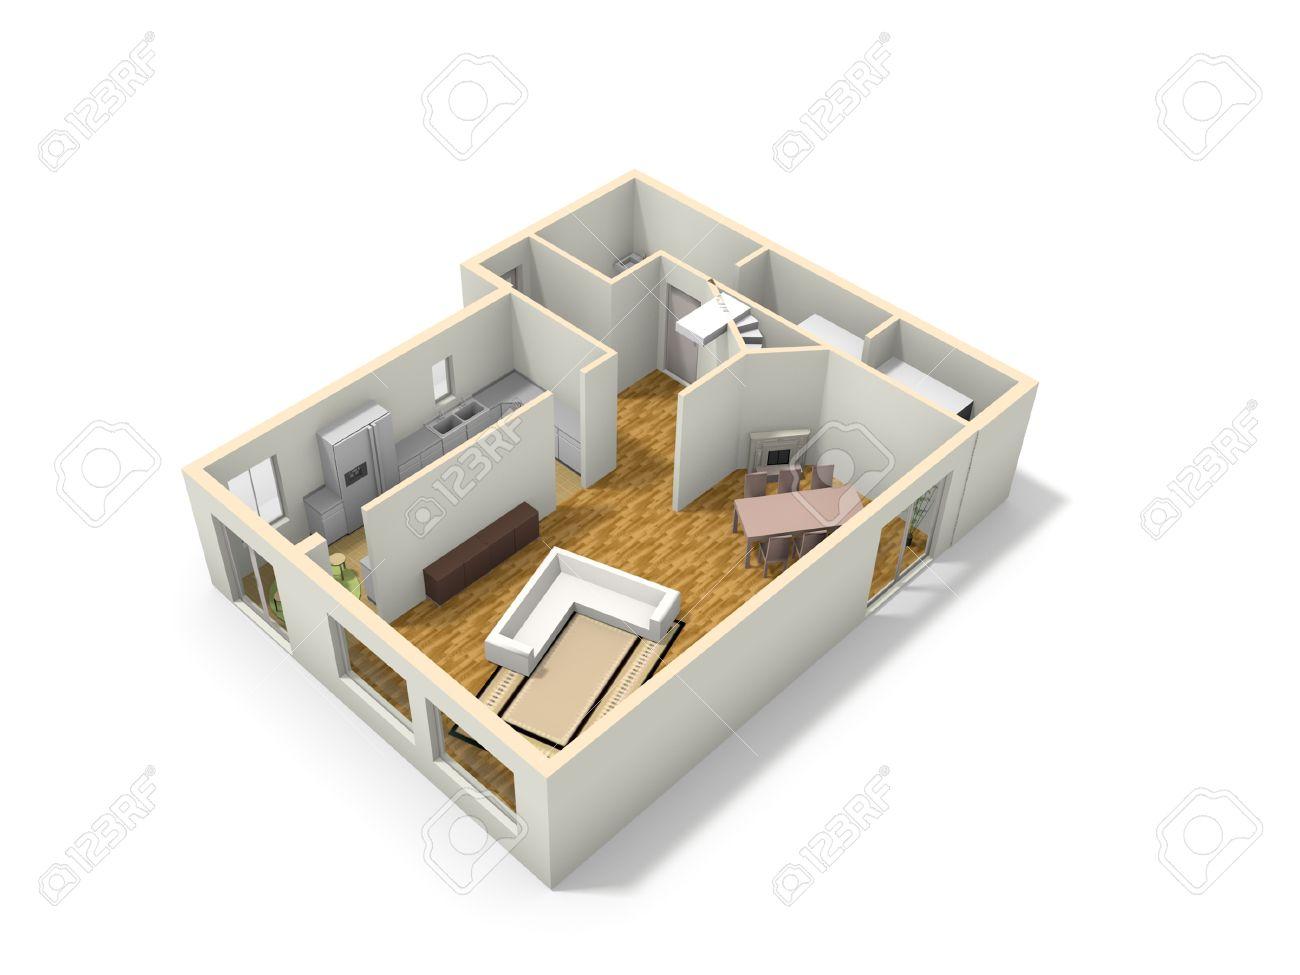 Plano 3D De La Casa Con Cocina, Cuarto De Sala De Estar, Comedor Rom ...